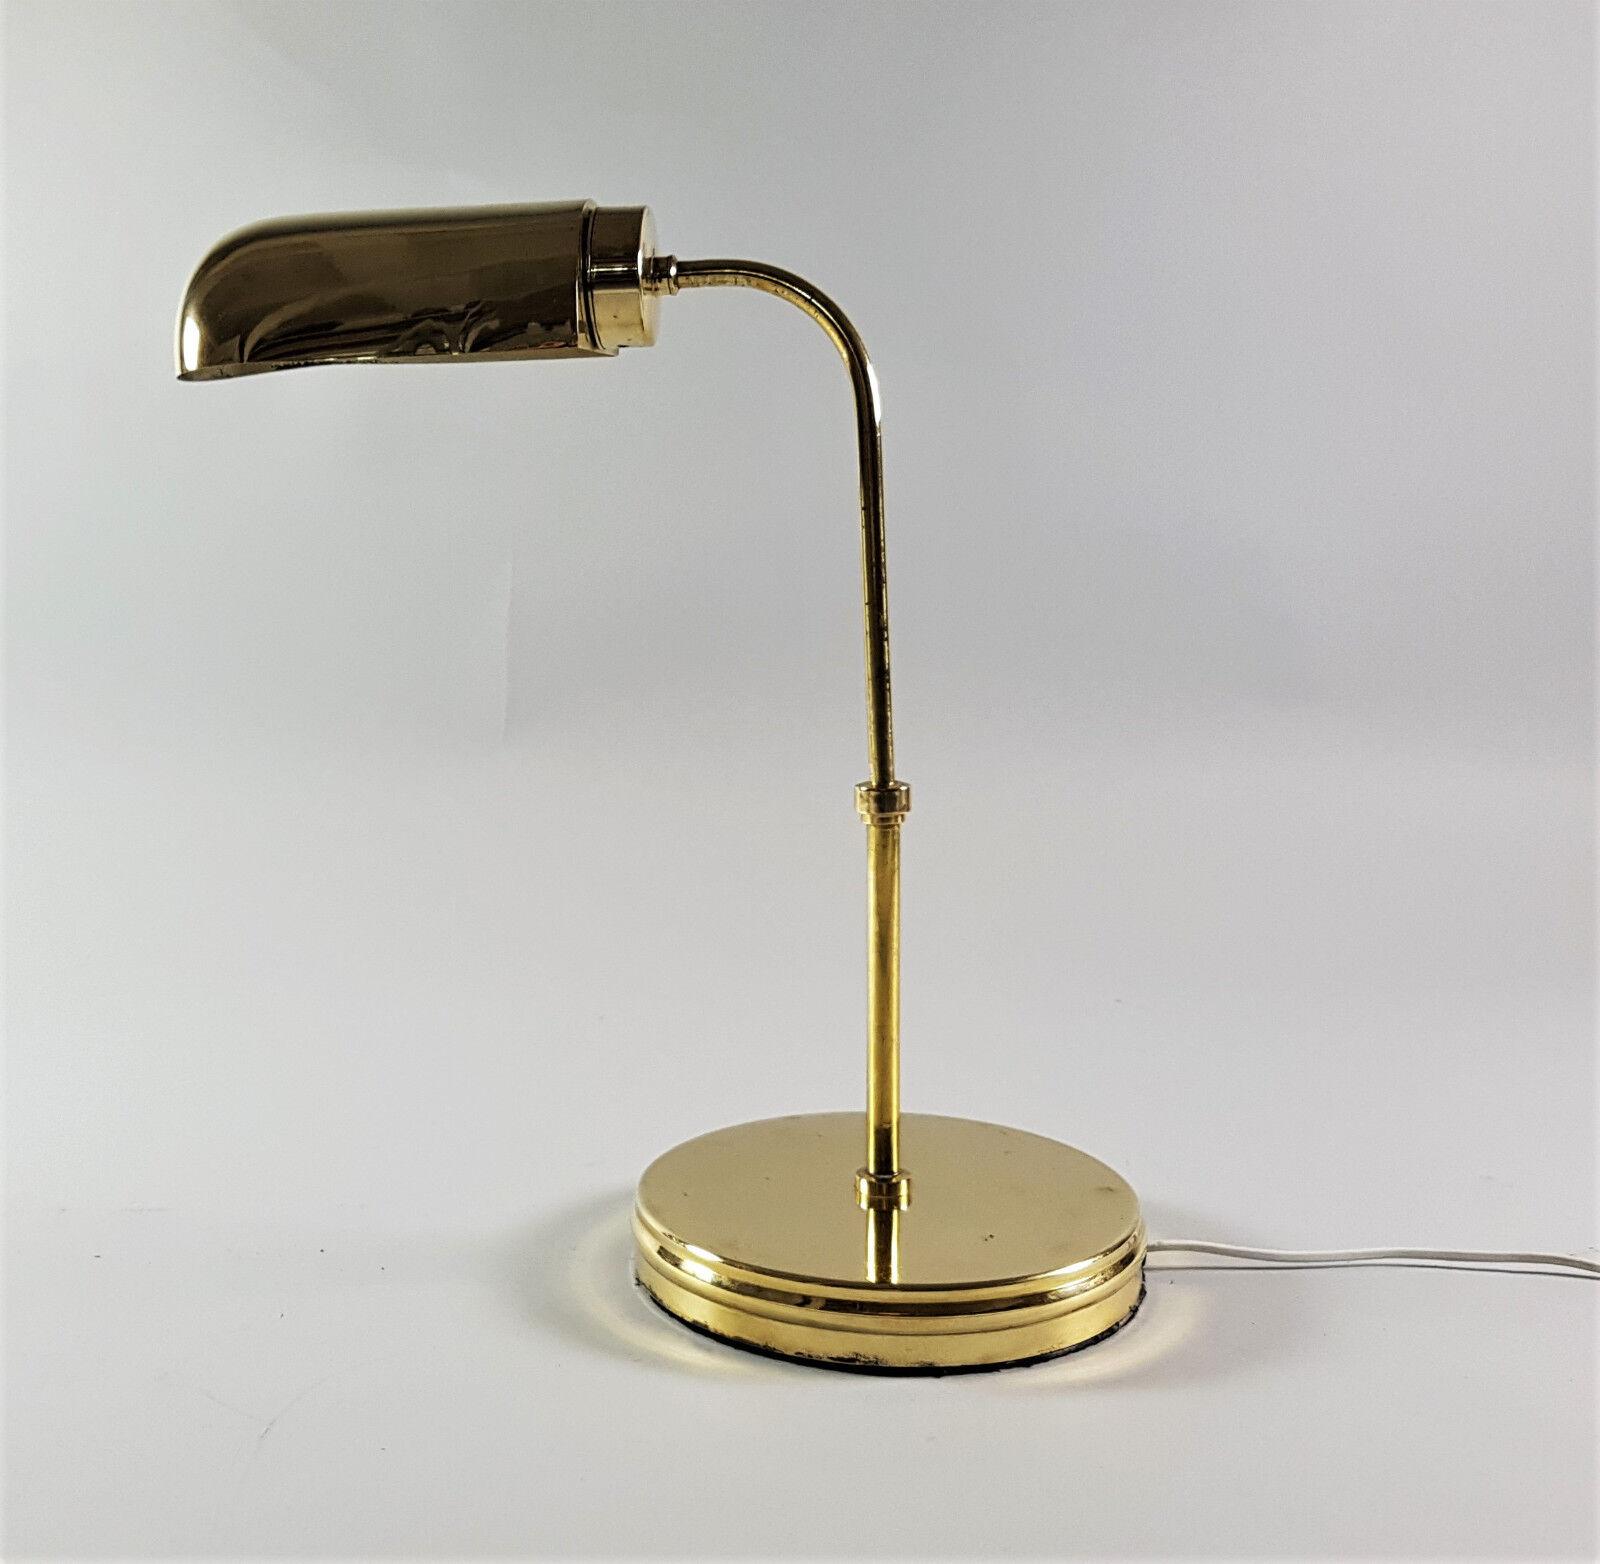 Vintage Desk Lamp, Austria, 1940s